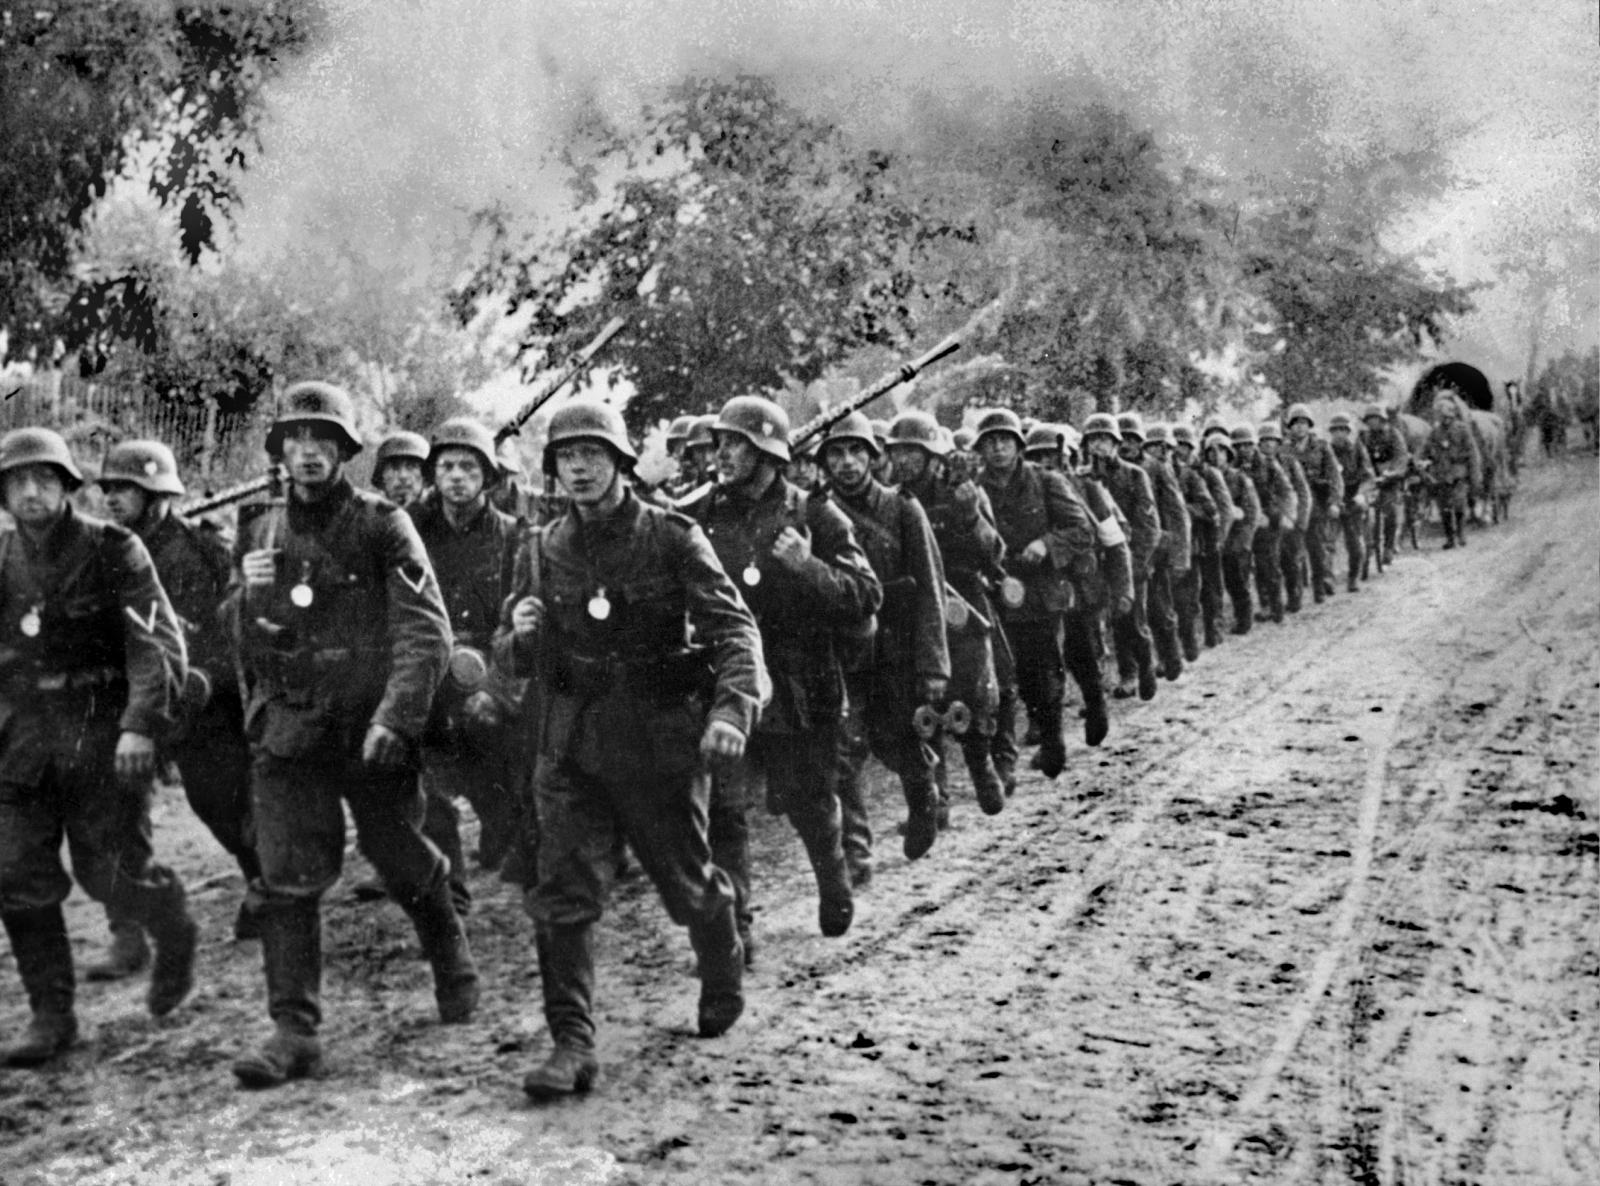 Nazi troops enter Poland